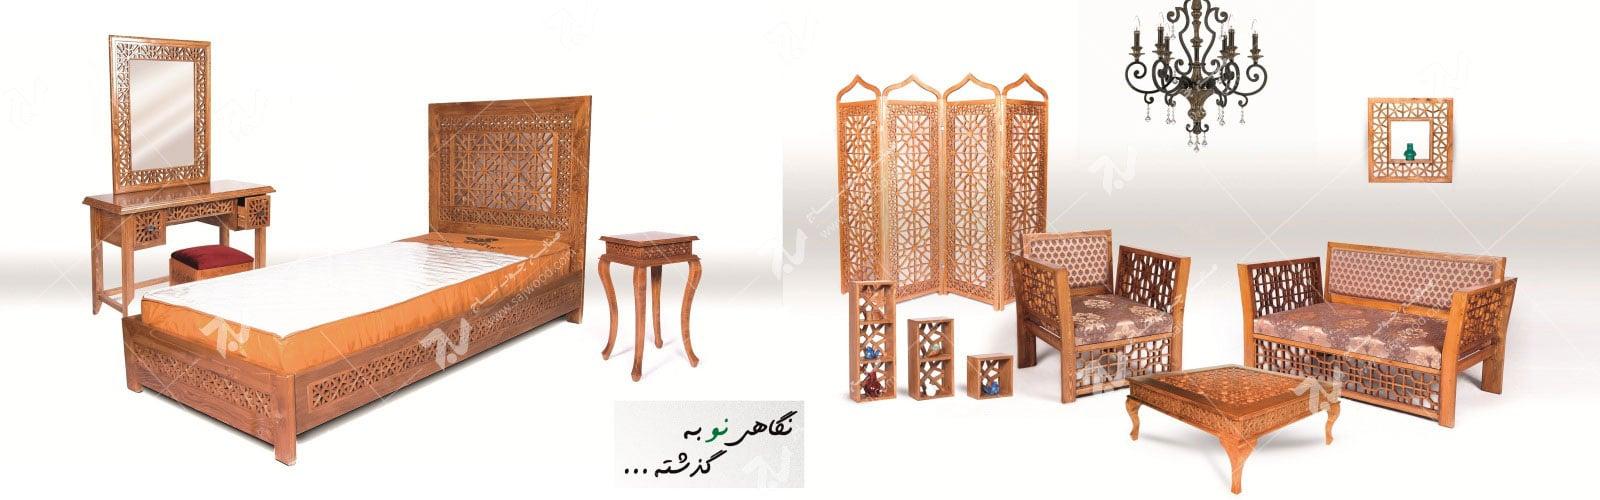 صنایع چوب ساج|دکوراسیون سنتی درب و پنجره سنتی، گره چینی ، پنجره شیشه رنگی ، ارسی